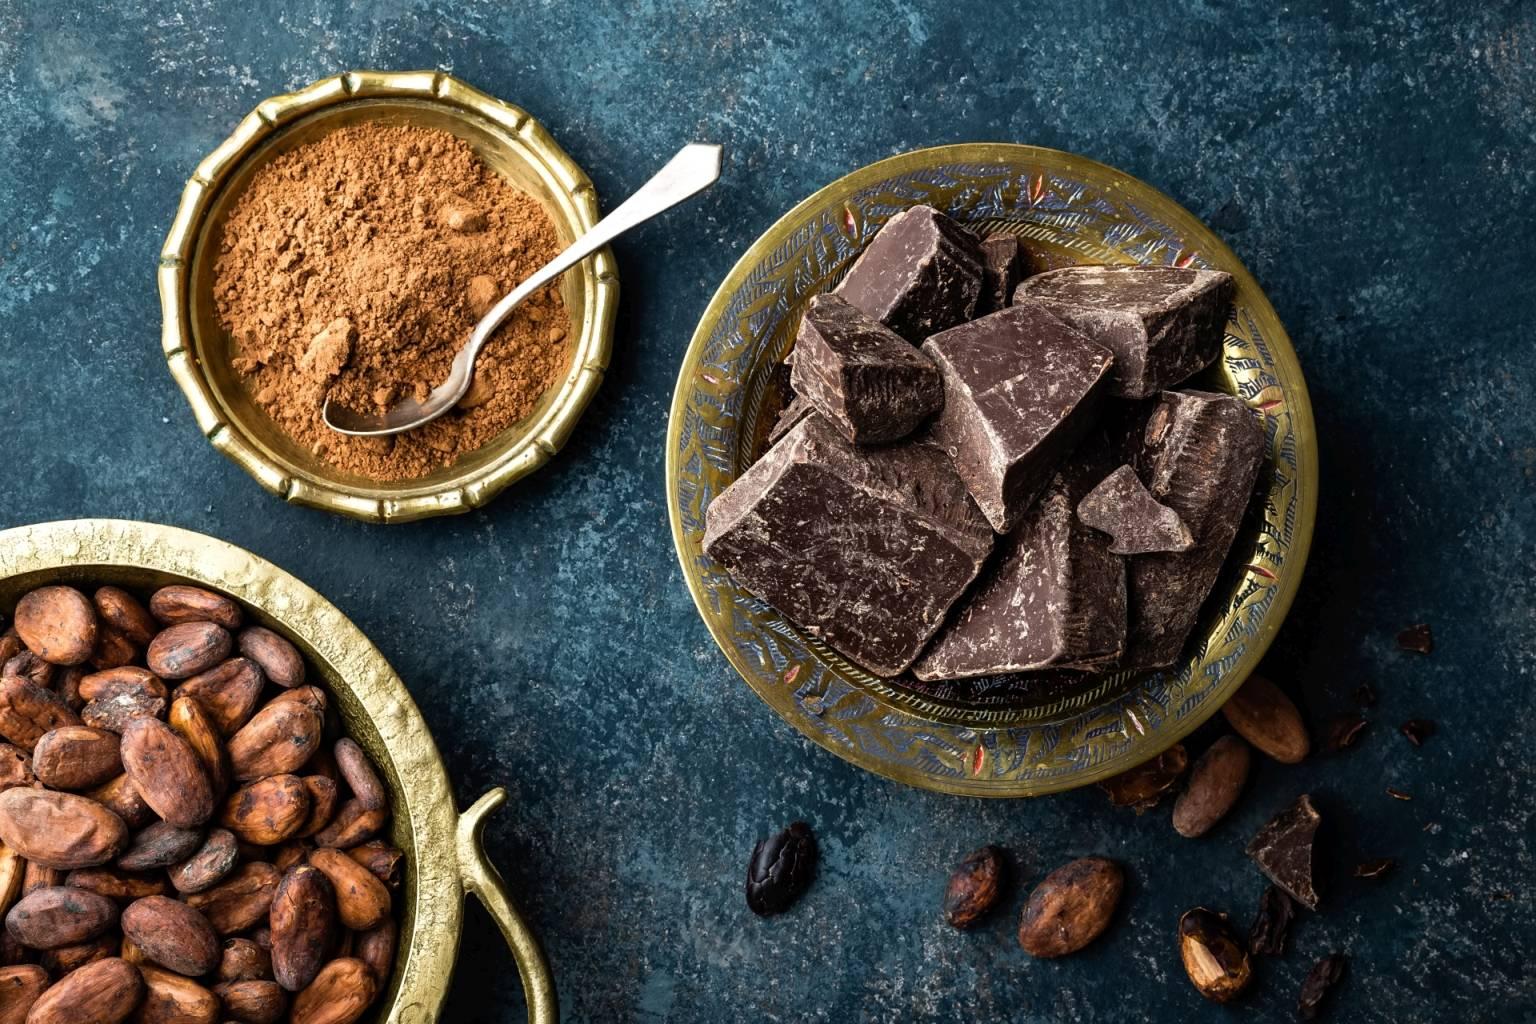 Czy superfoods to superżywność czy supermarketing? Sprawdź, czy kakao to superfood warte uwagi.